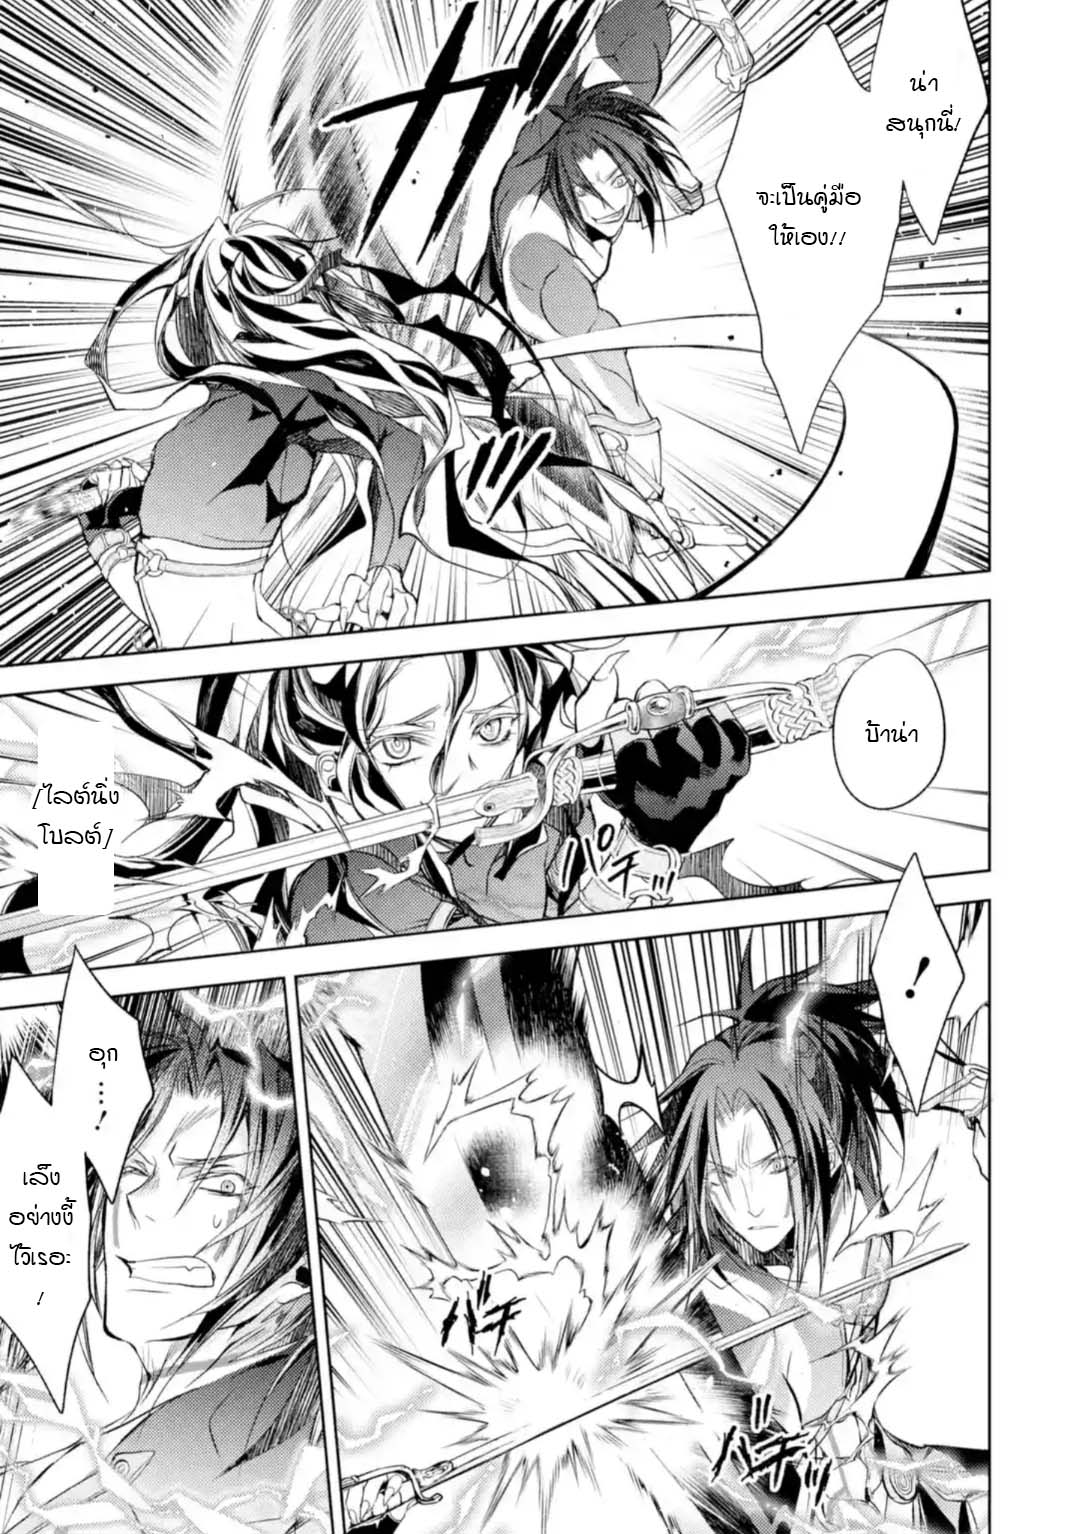 อ่านการ์ตูน Senmetsumadou no Saikyokenja ตอนที่ 8.5 หน้าที่ 10